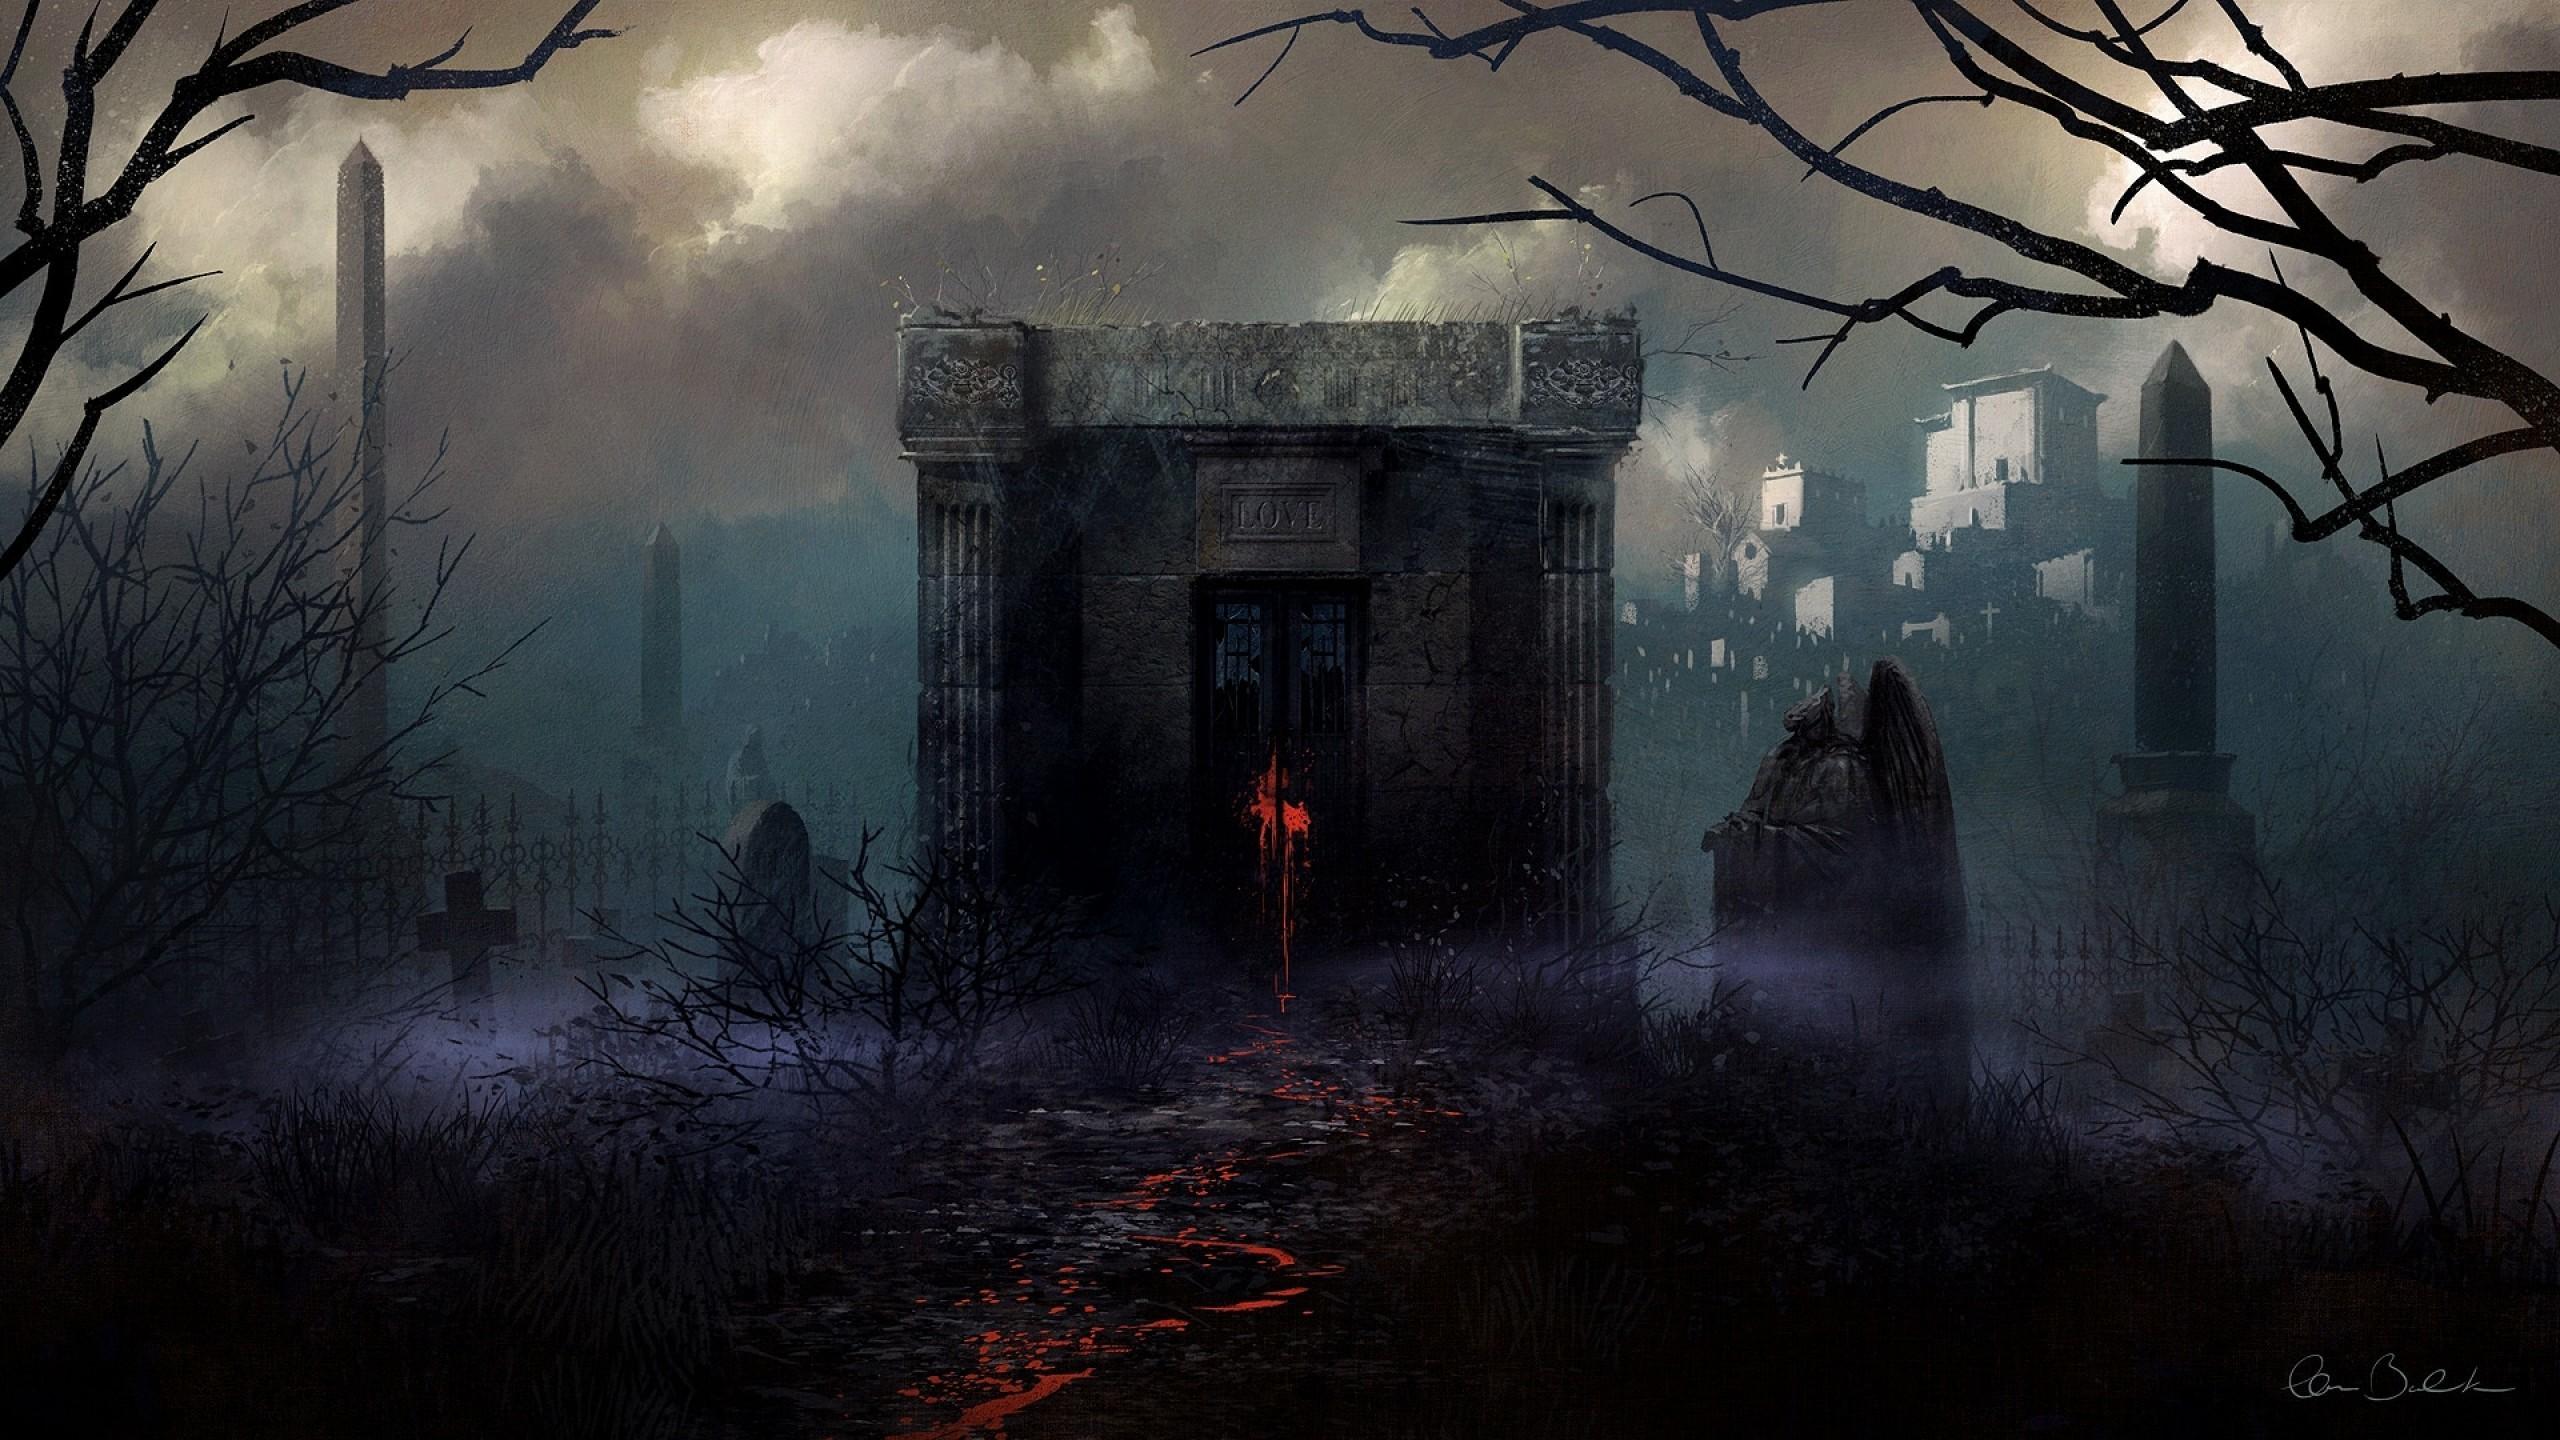 Gothic horror wallpaper - Gothic hintergrundbilder ...